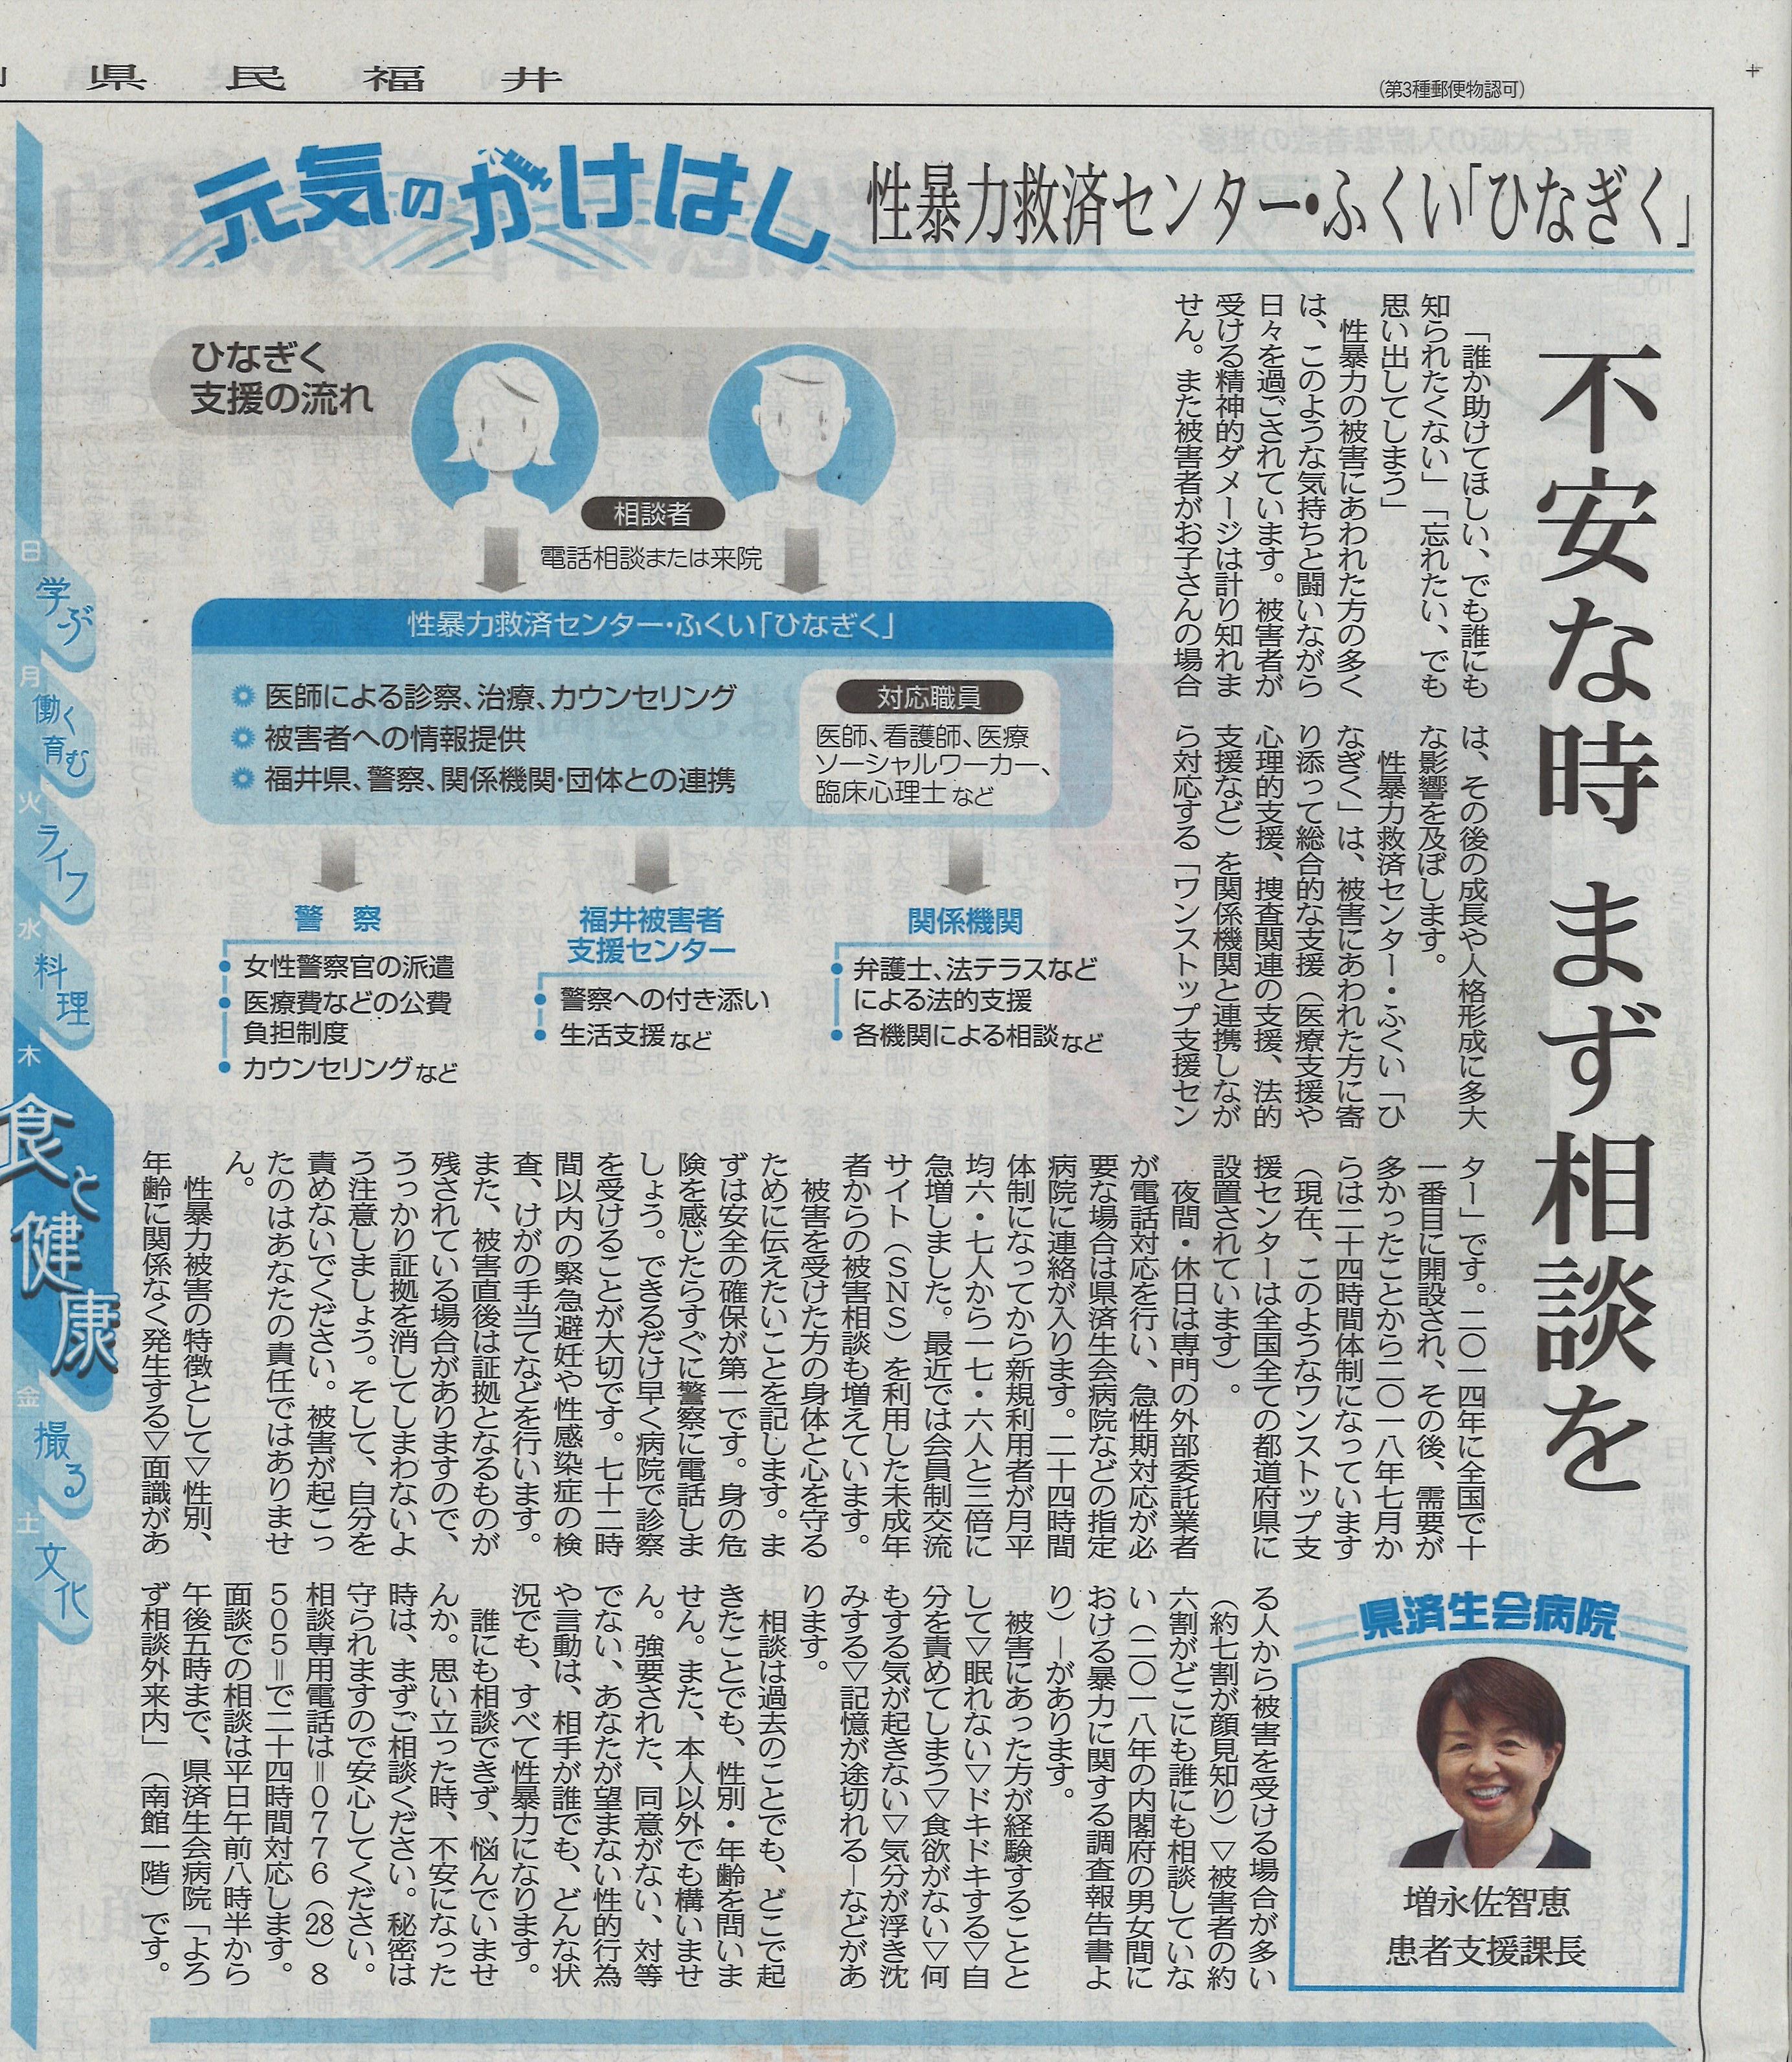 2020年7月30日 日刊県民福井